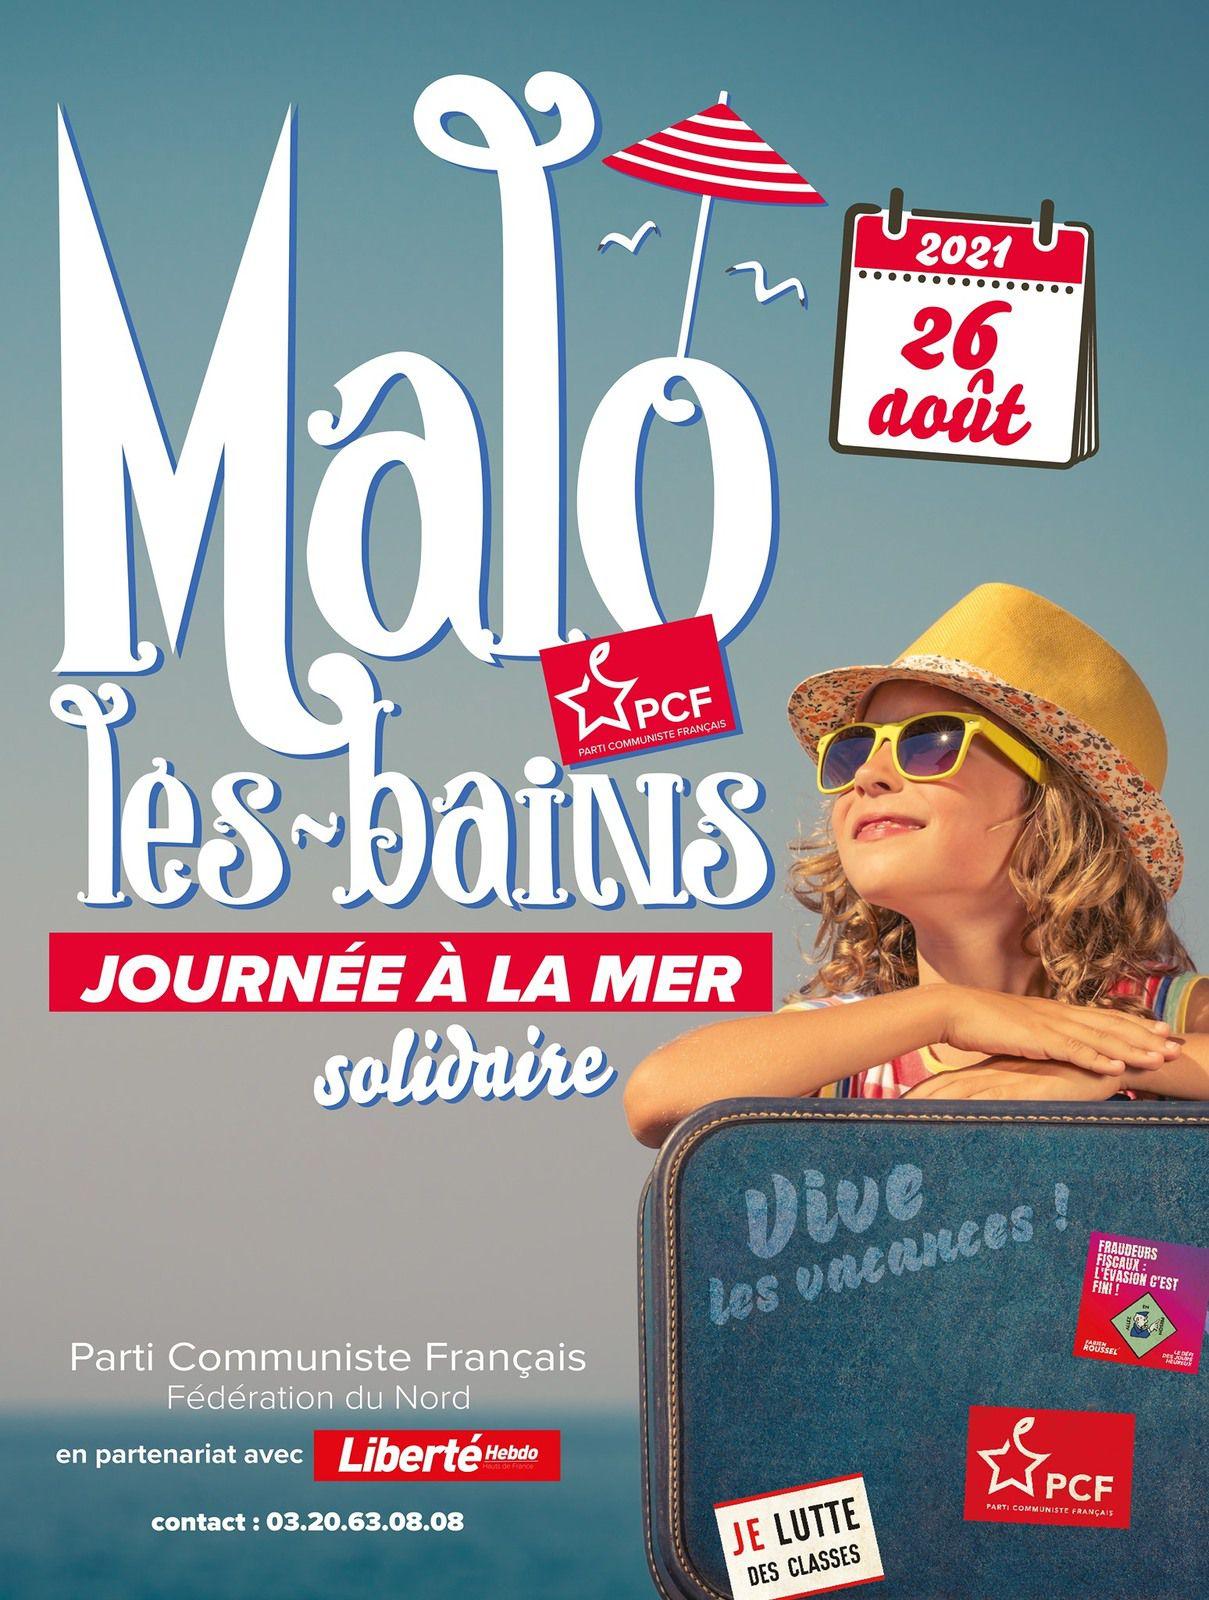 La journée à la mer du PCF revient le 26 août à Malo-les-Bains